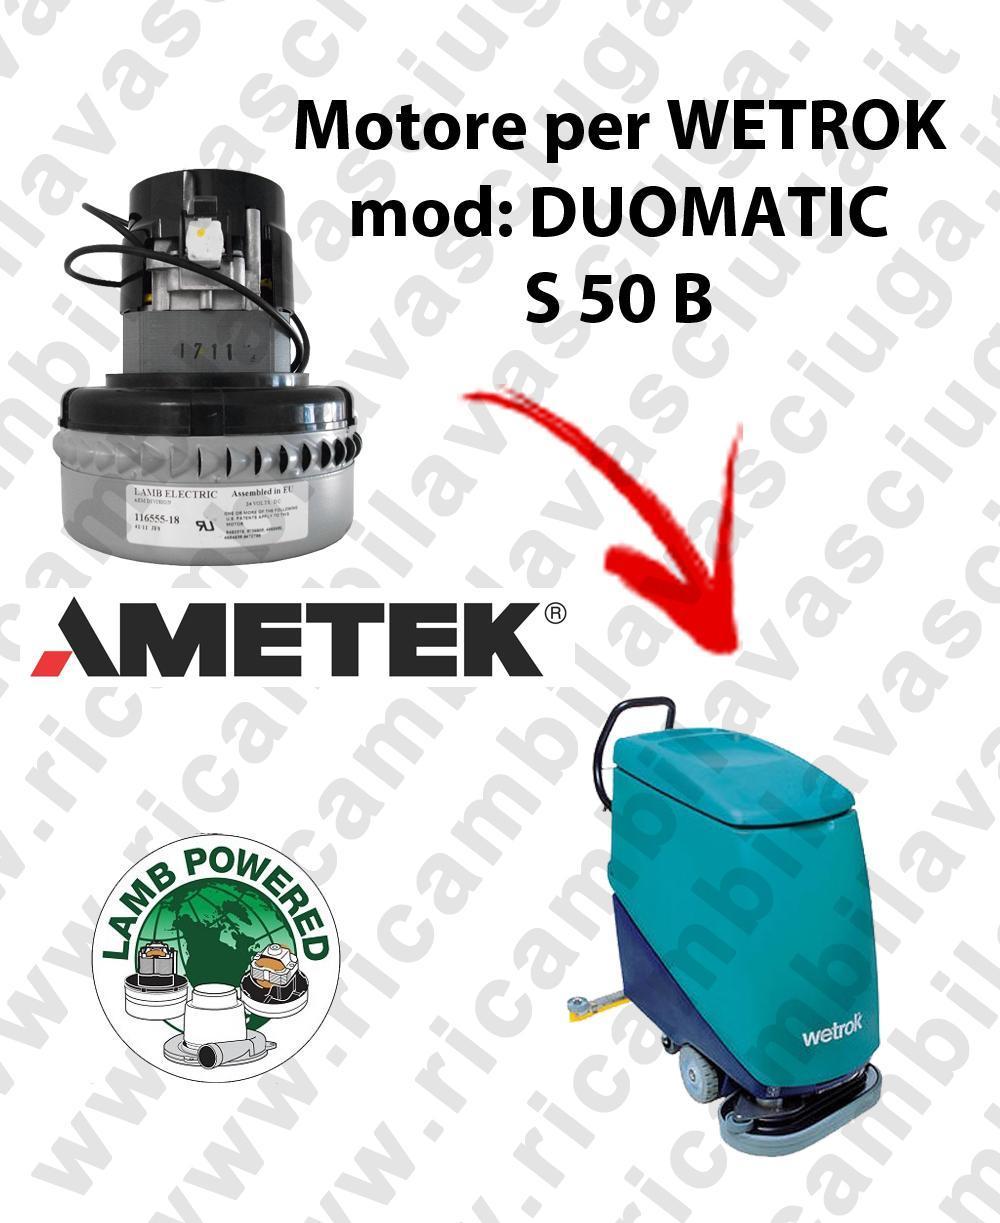 DUOMATIC S 50 B MOTEUR ASPIRATION LAMB AMATEK pour autolaveuses WETROK